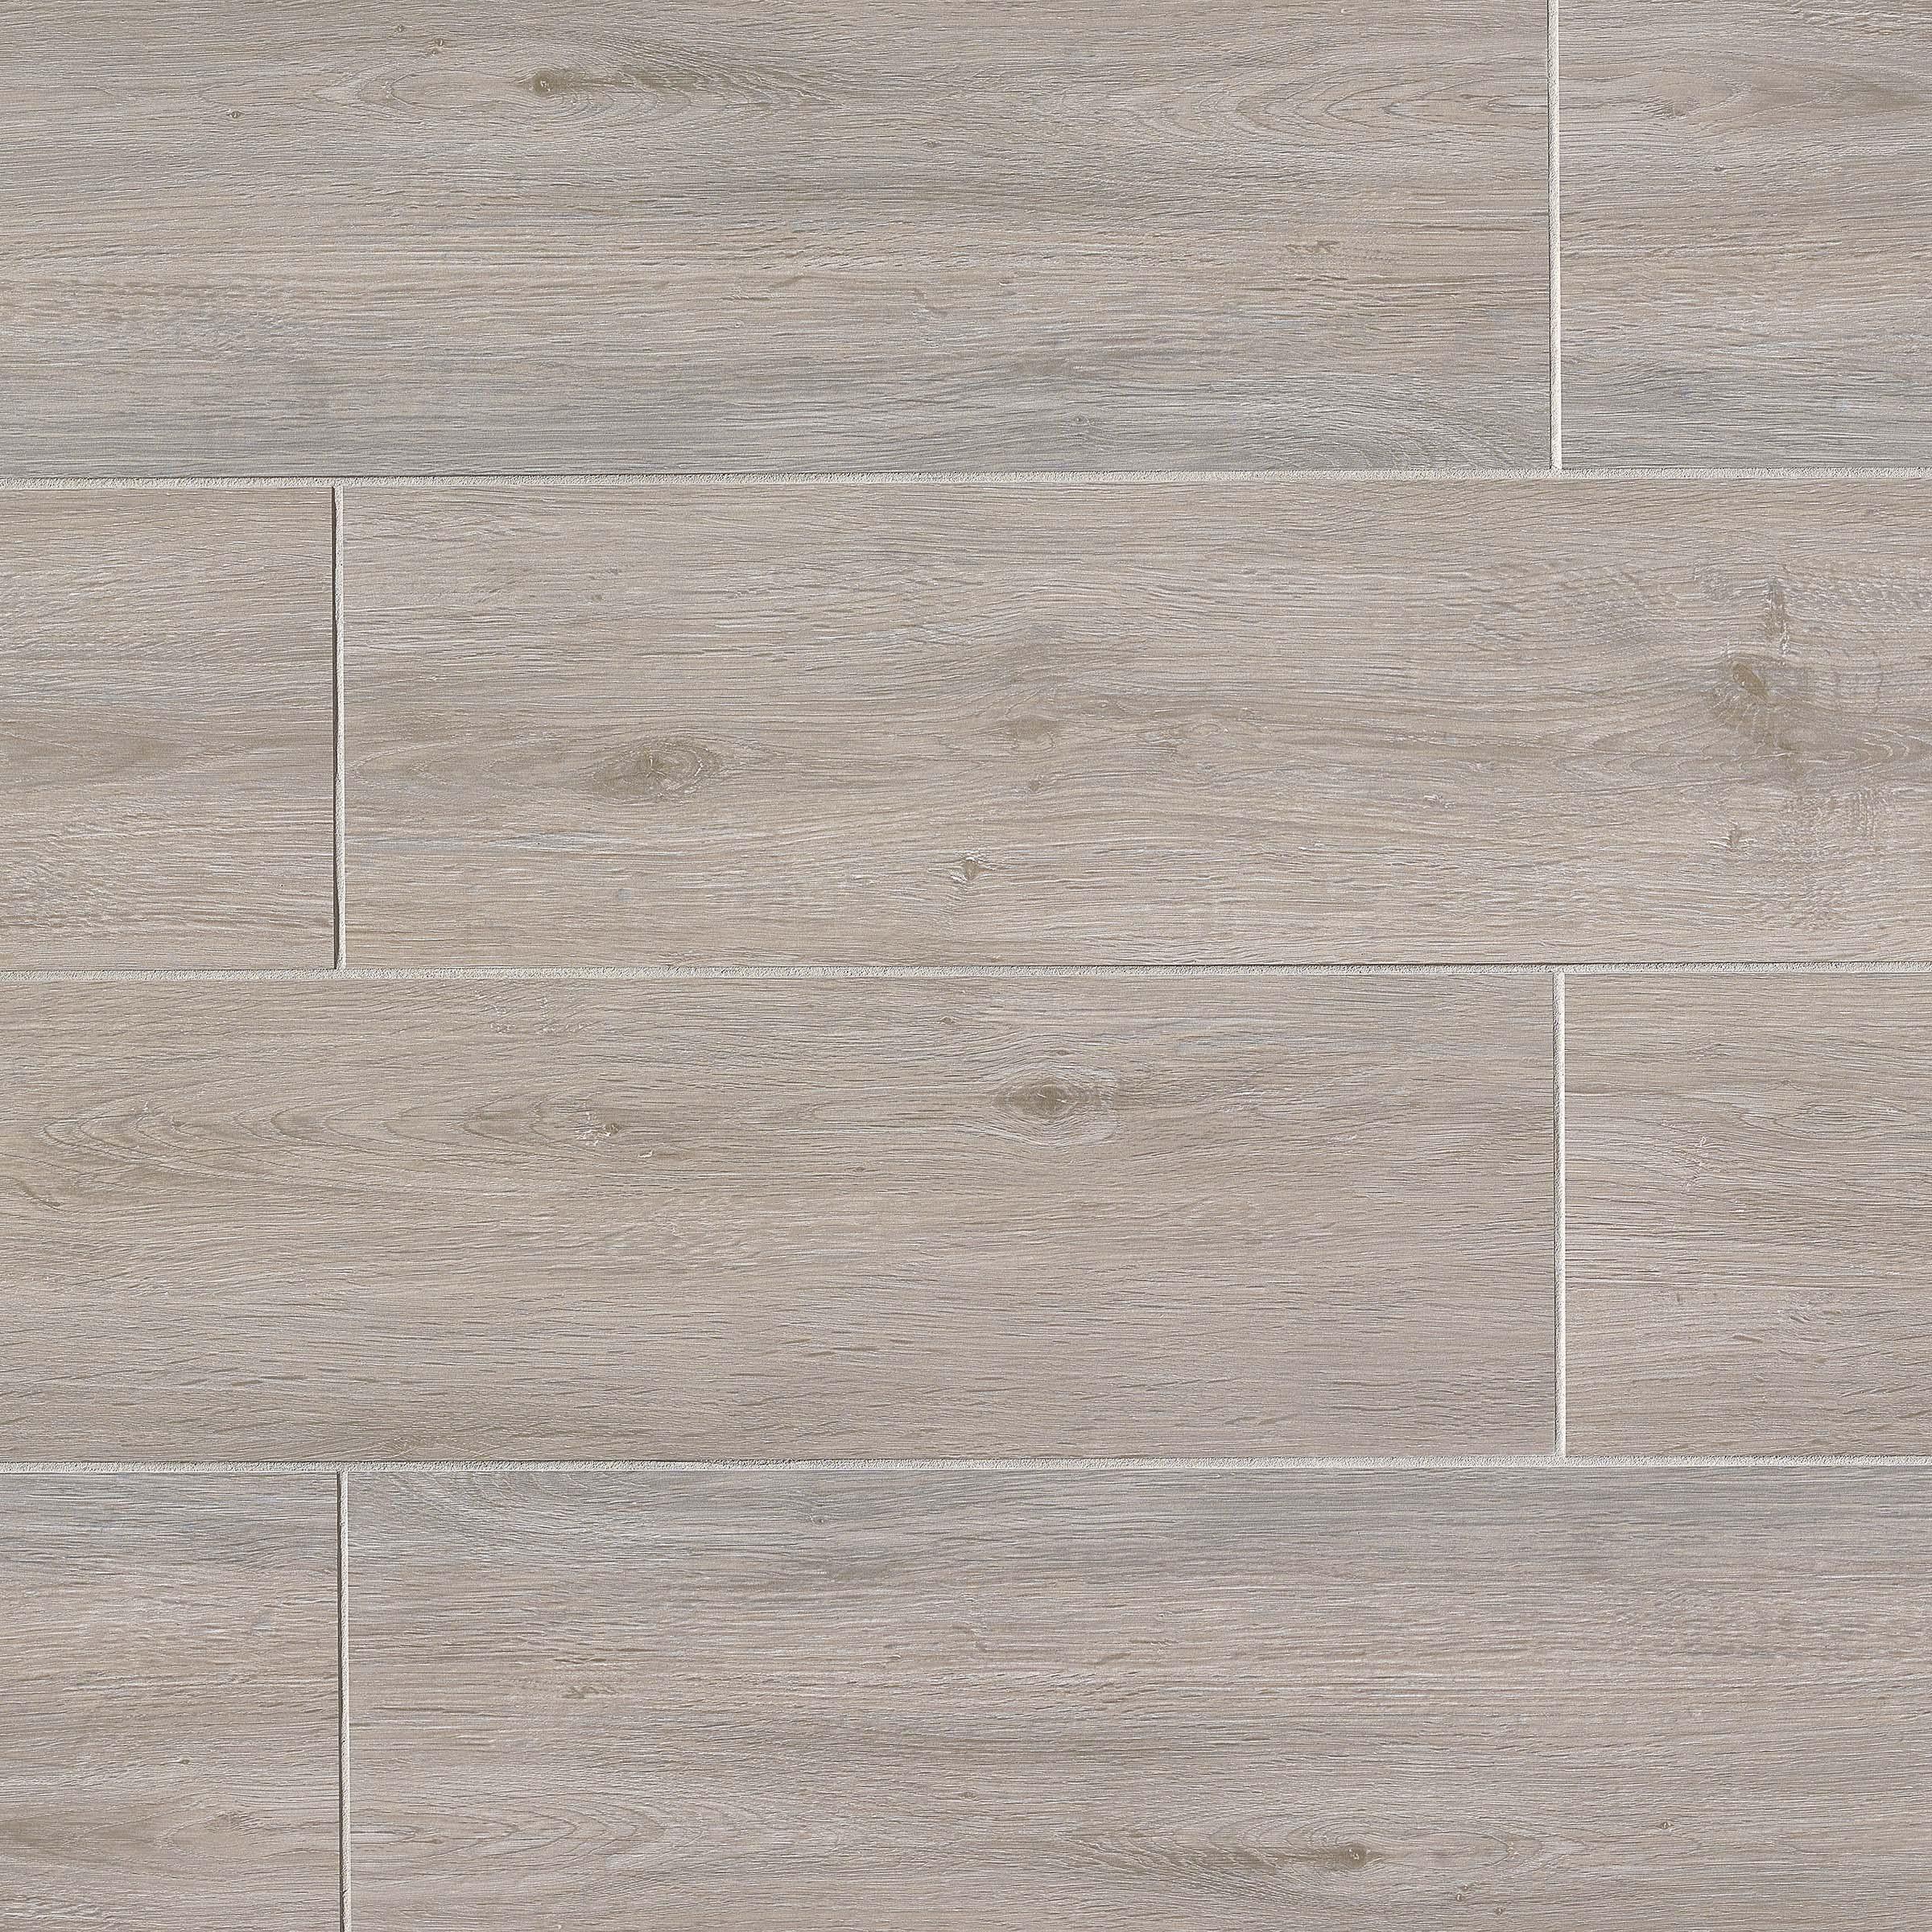 Titus 8 X 36 Floor Wall Tile In Beige